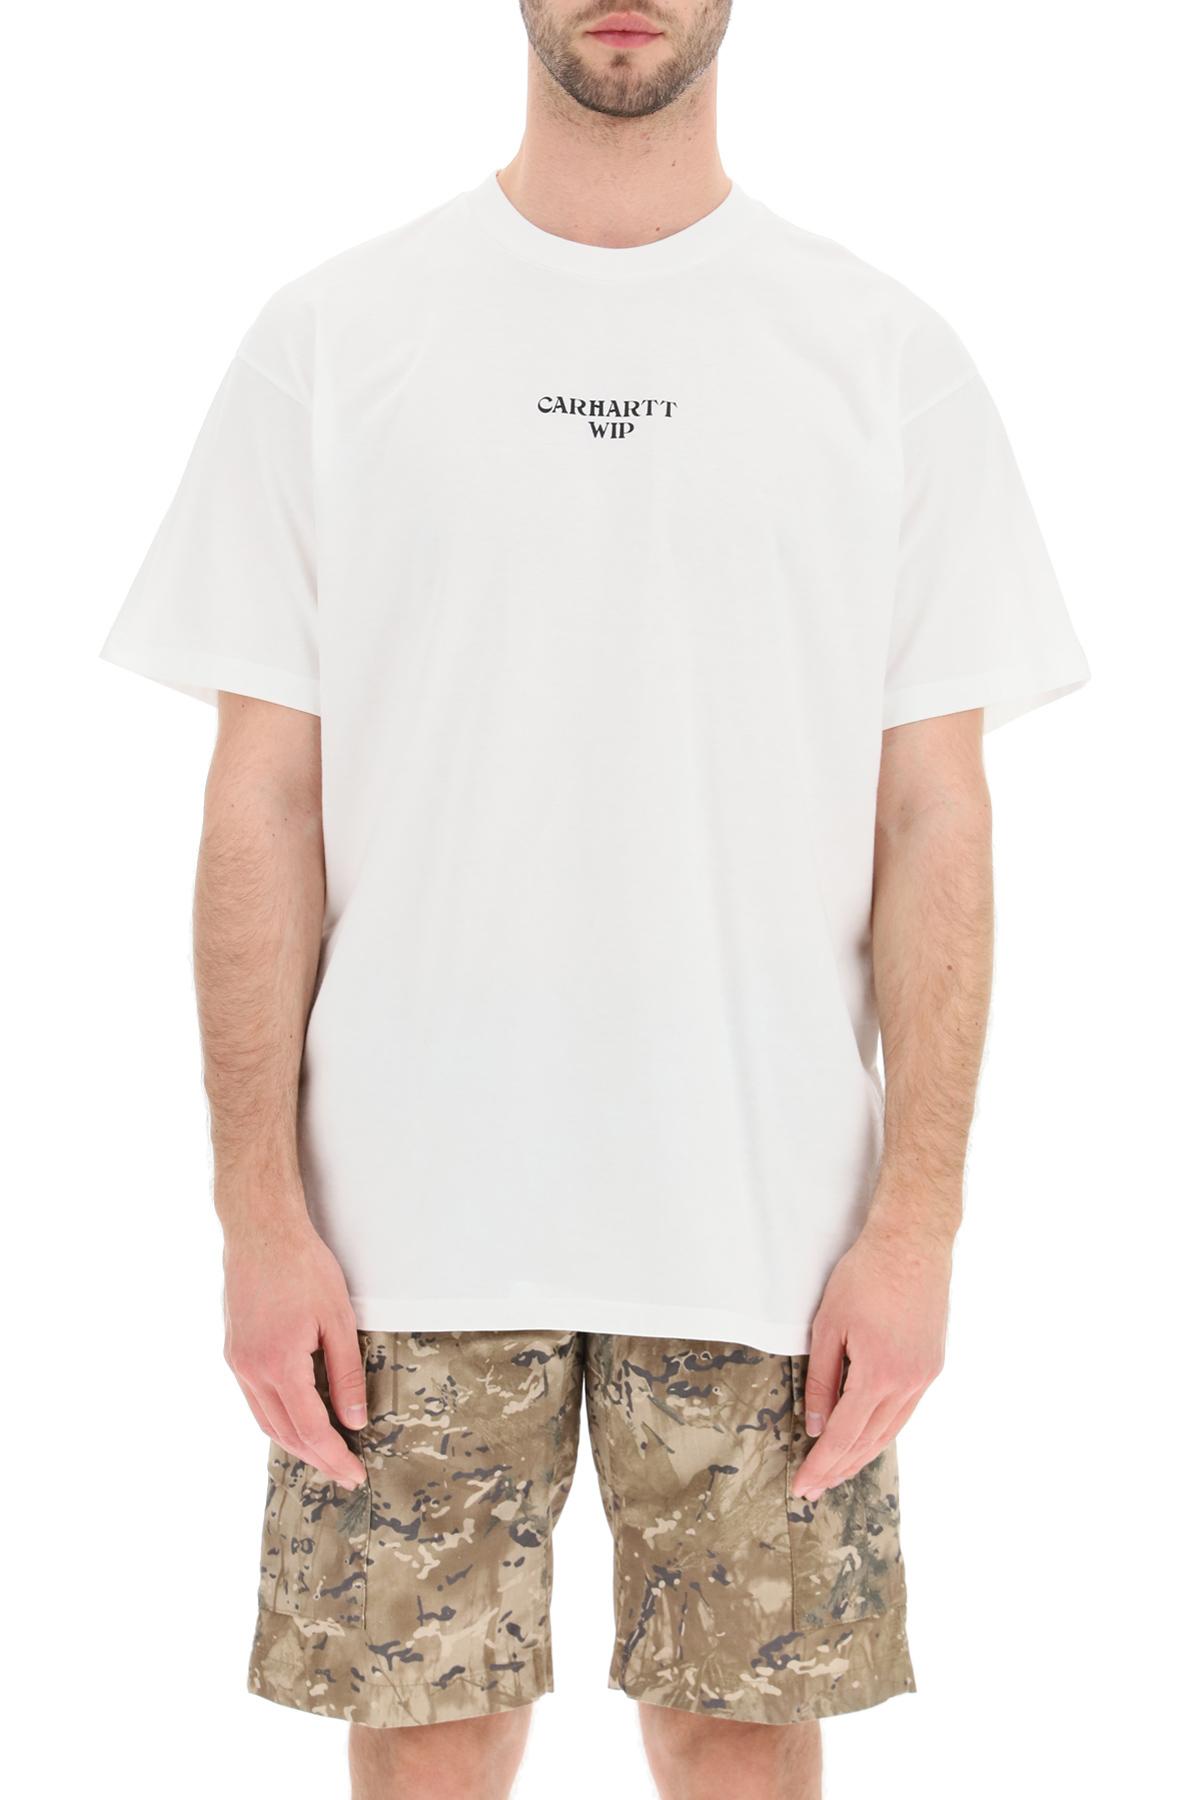 Carhartt t-shirt stampa panic